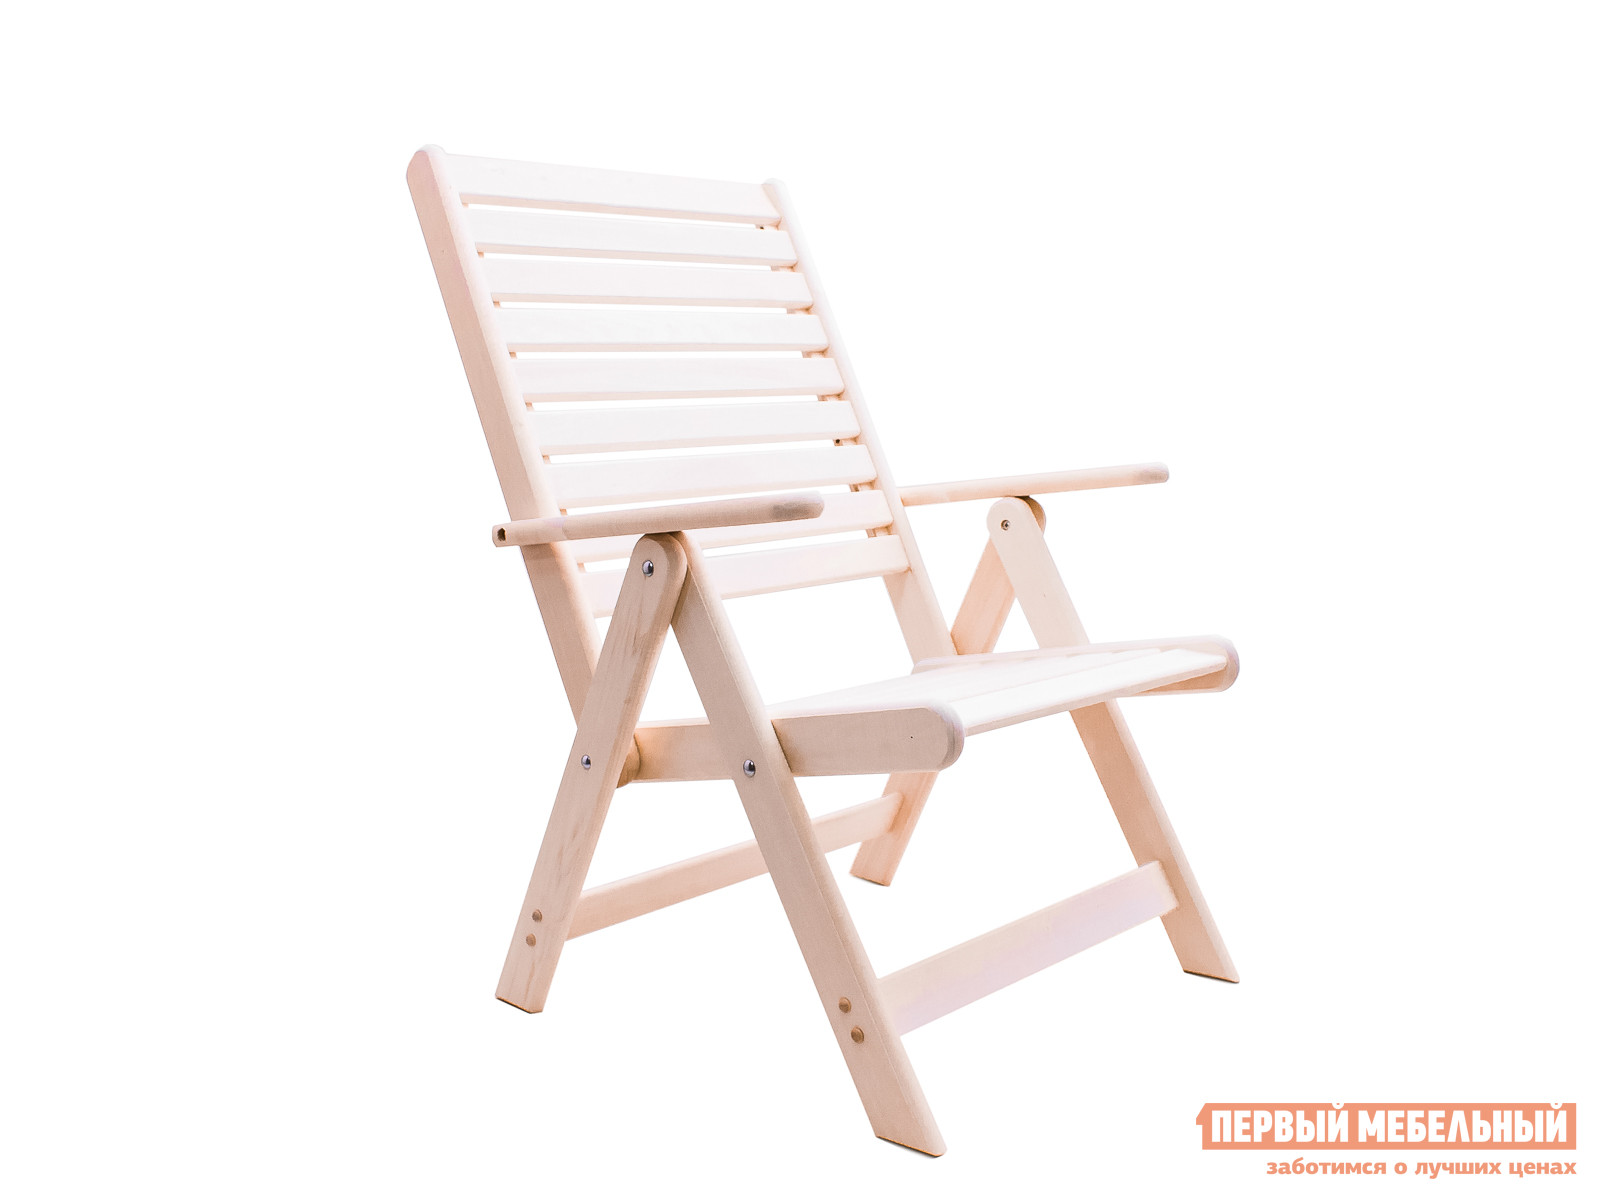 Деревянное садовое раскладное кресло с подлокотниками МариМебель Ганро